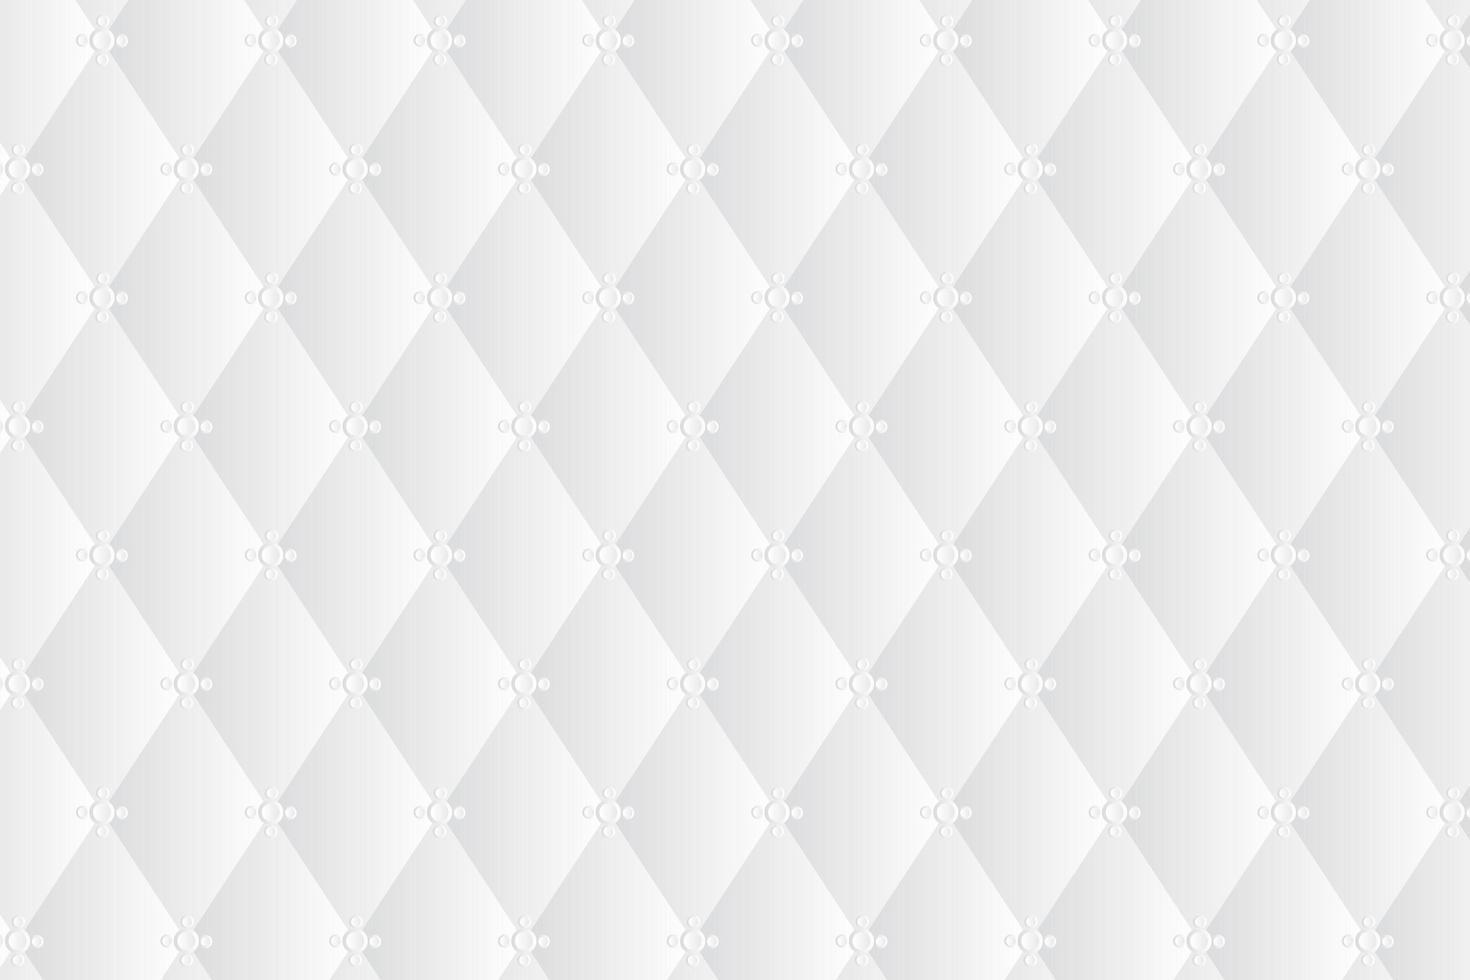 abstrakter gesteppter weißer 3d Hintergrund vektor